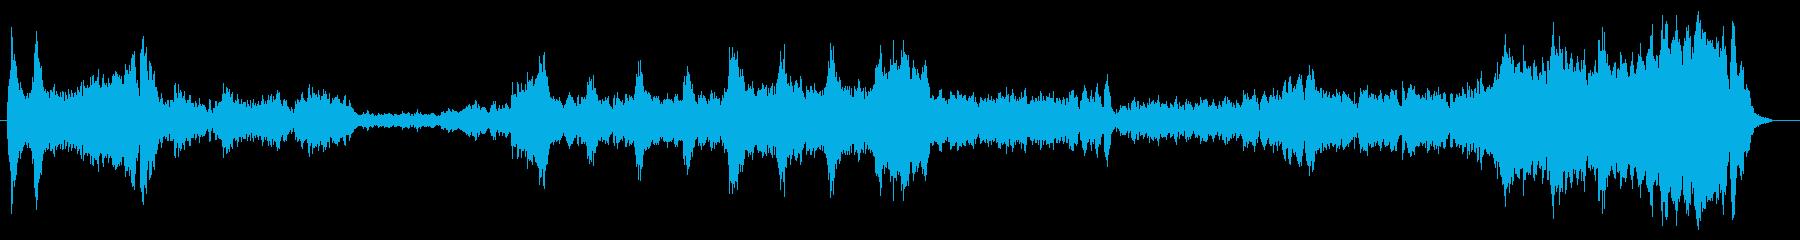 疾走感のあるオーケストラの再生済みの波形